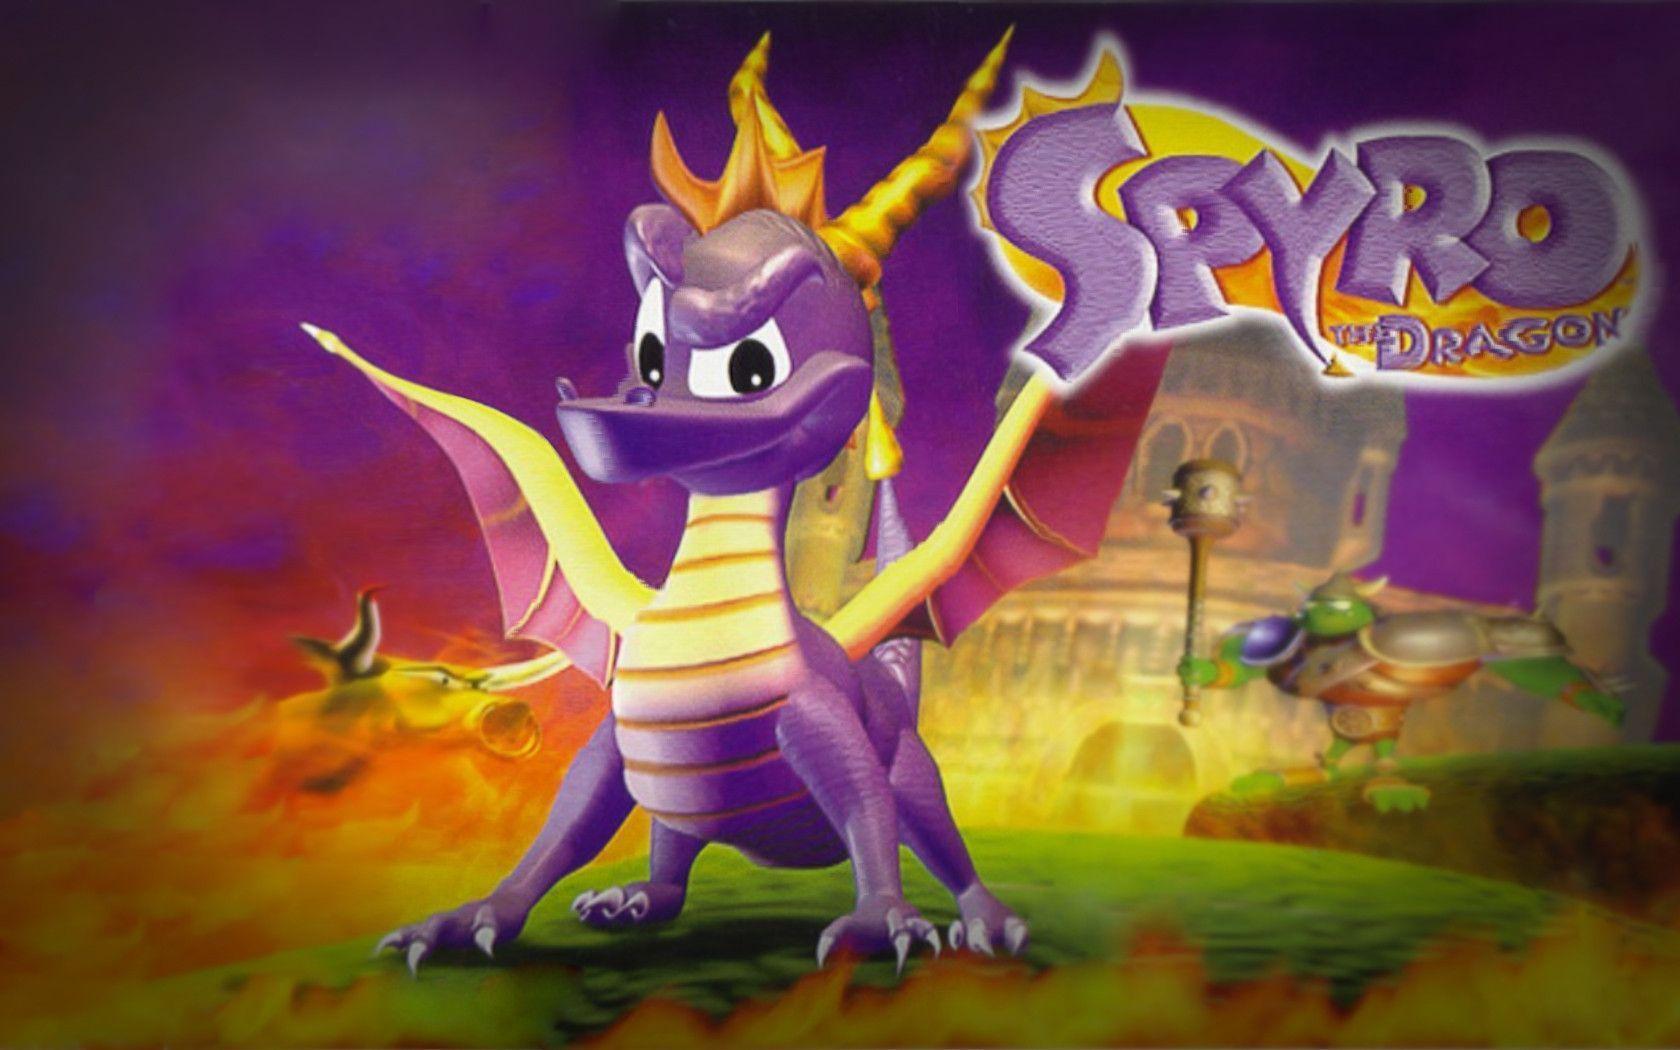 Spyro The Dragon Wallpapers Wallpaper Cave Spyro Trilogy